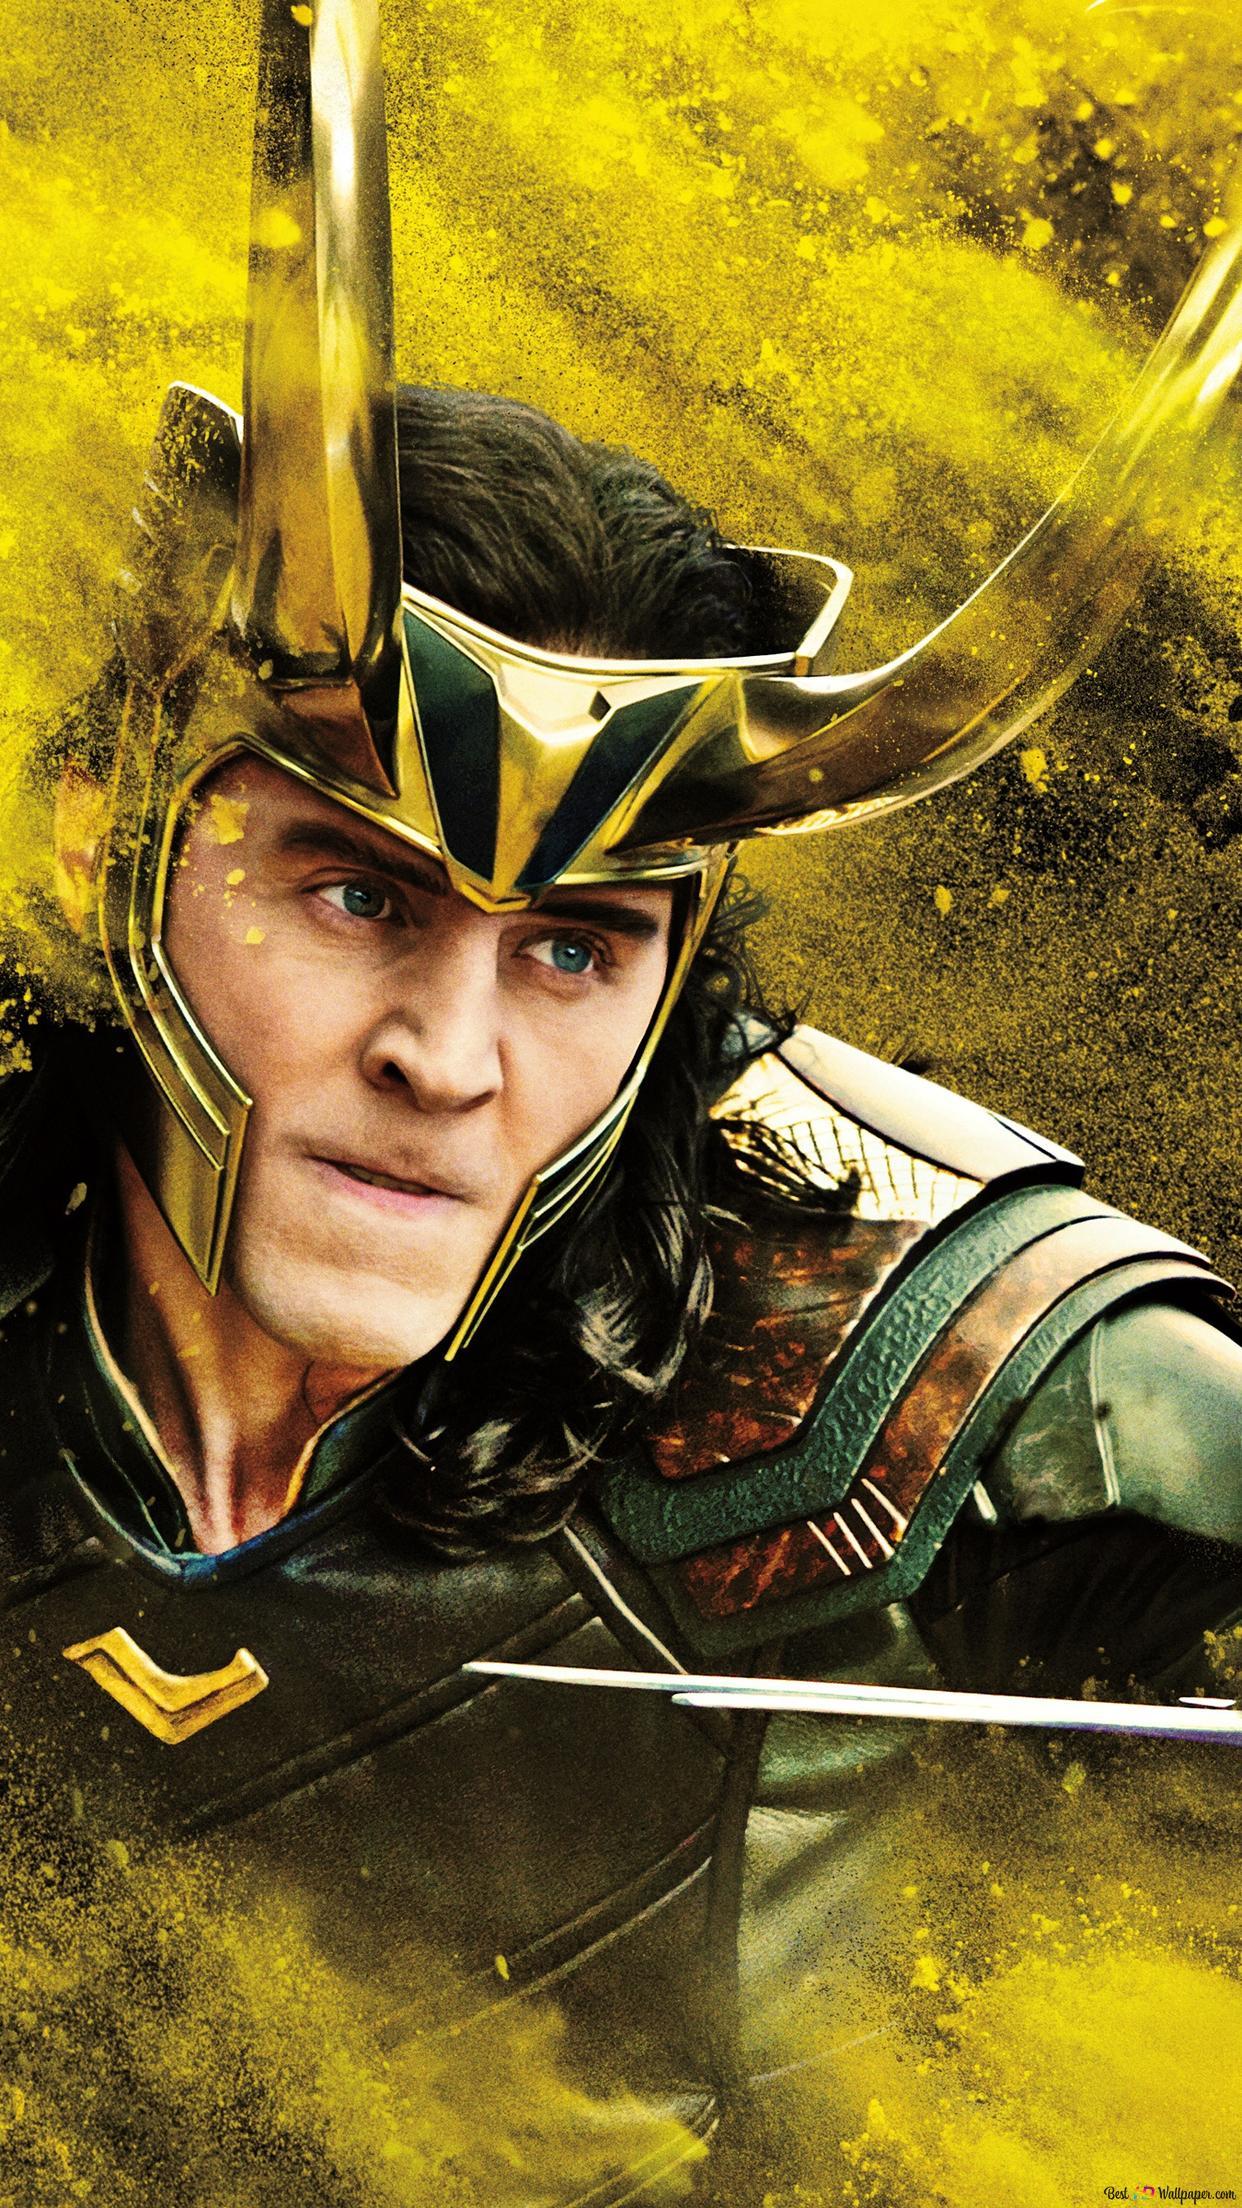 Descargar Fondo De Pantalla Thor Ragnarok Loki Hd